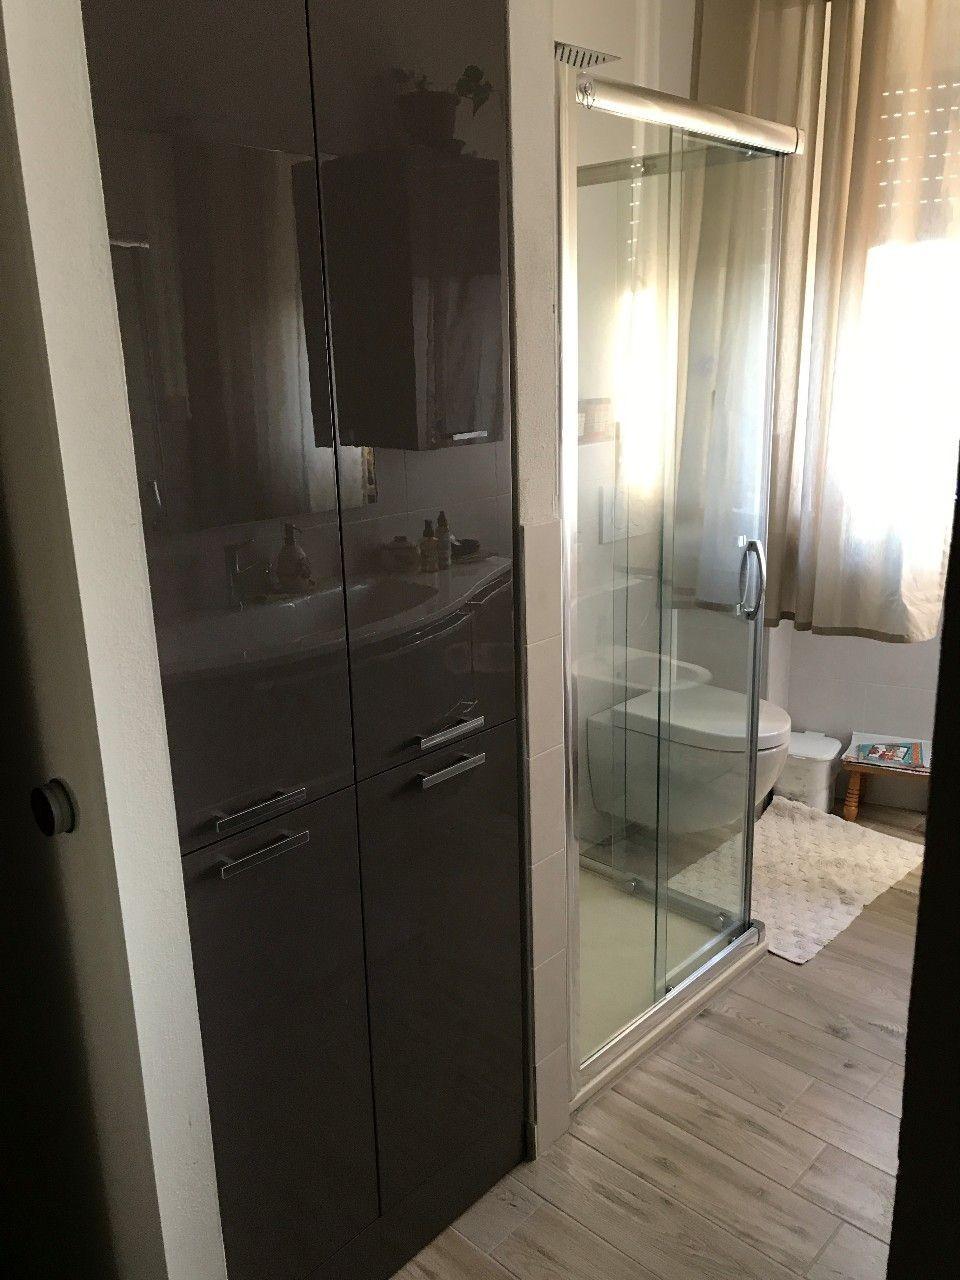 Mobile arredo bagno con incasso lavatrice vivere il for Arredo bagno lavatrice